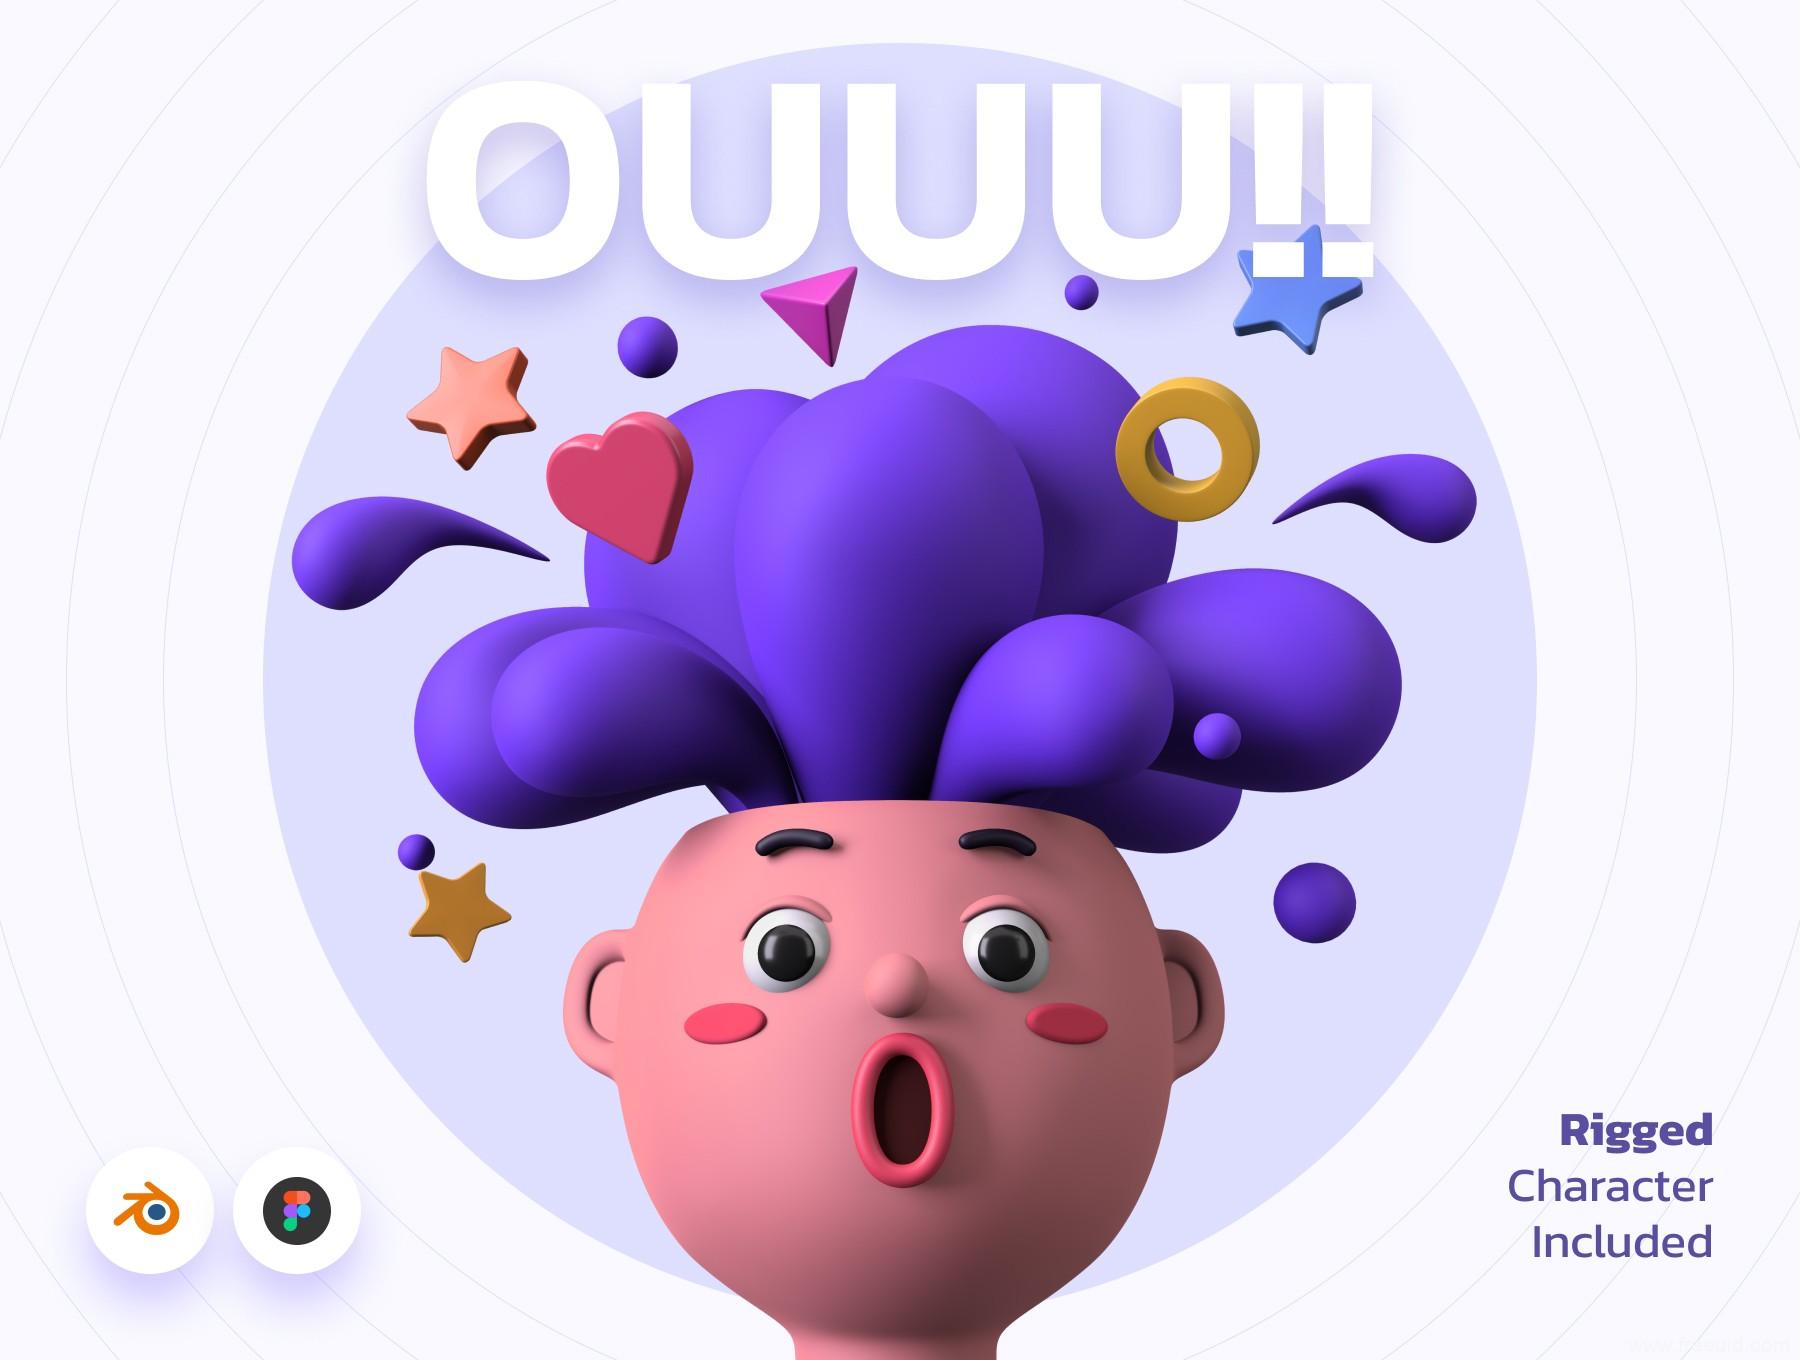 1G多3D人物角色插画素材源文件下载,3D插画组件blender原文下载